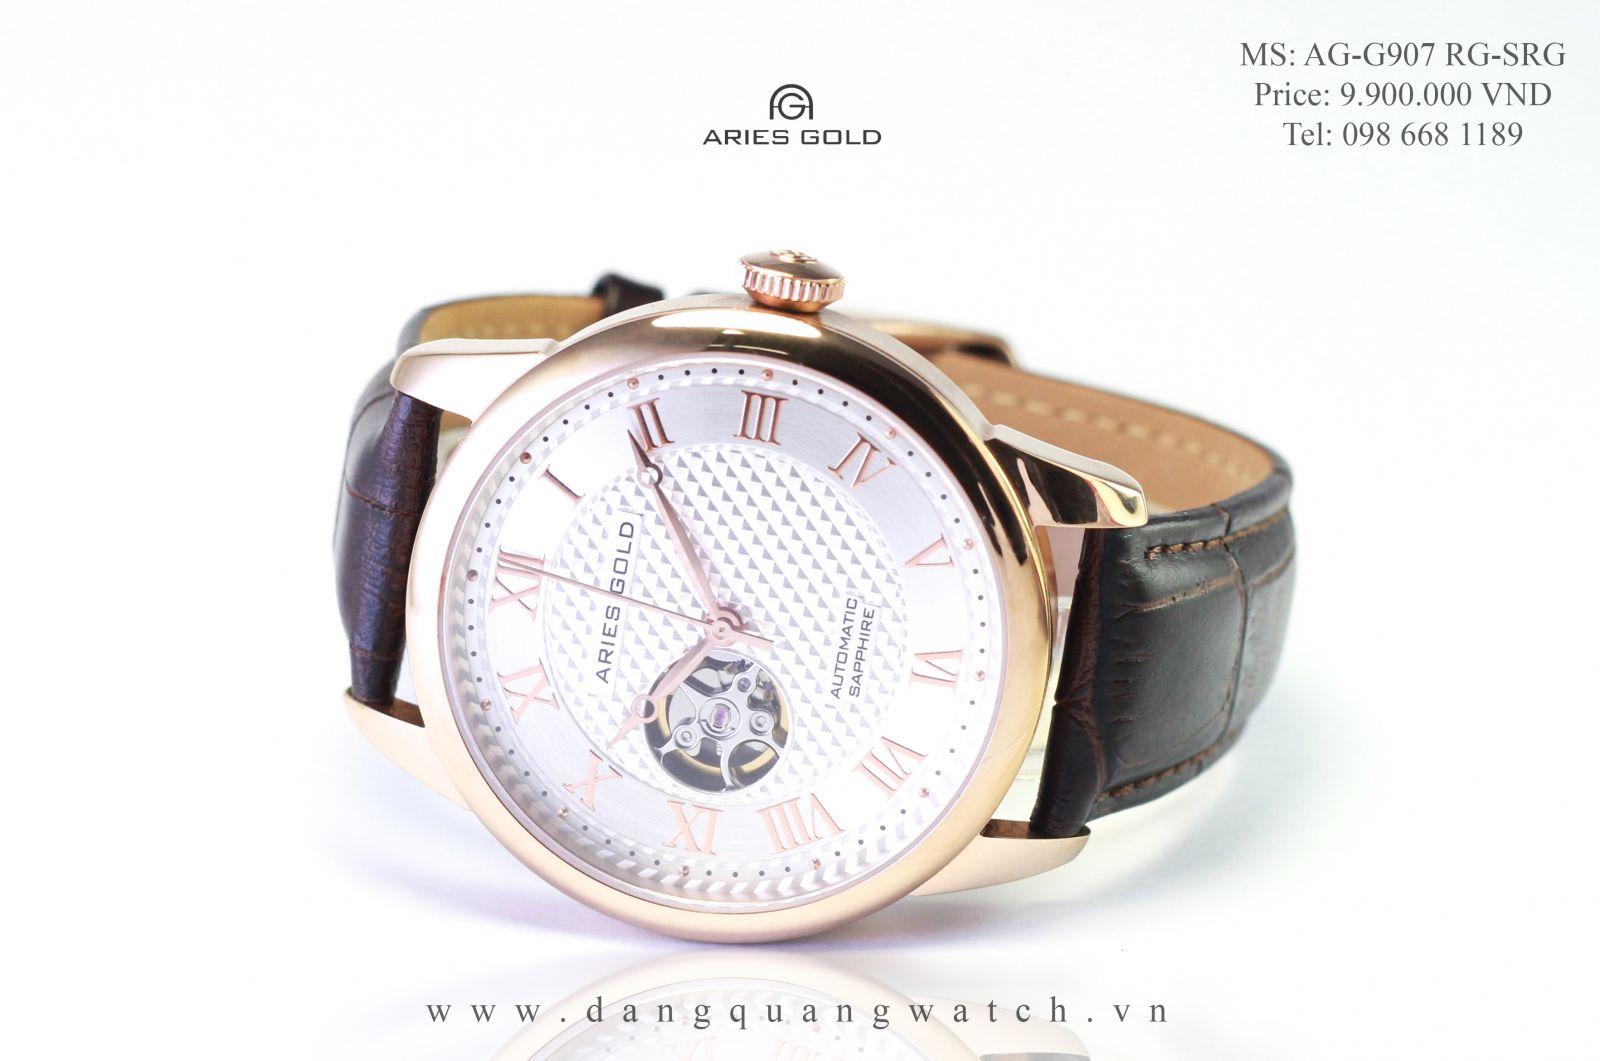 đồng hồ cơ aries gold G907 RG-SRG